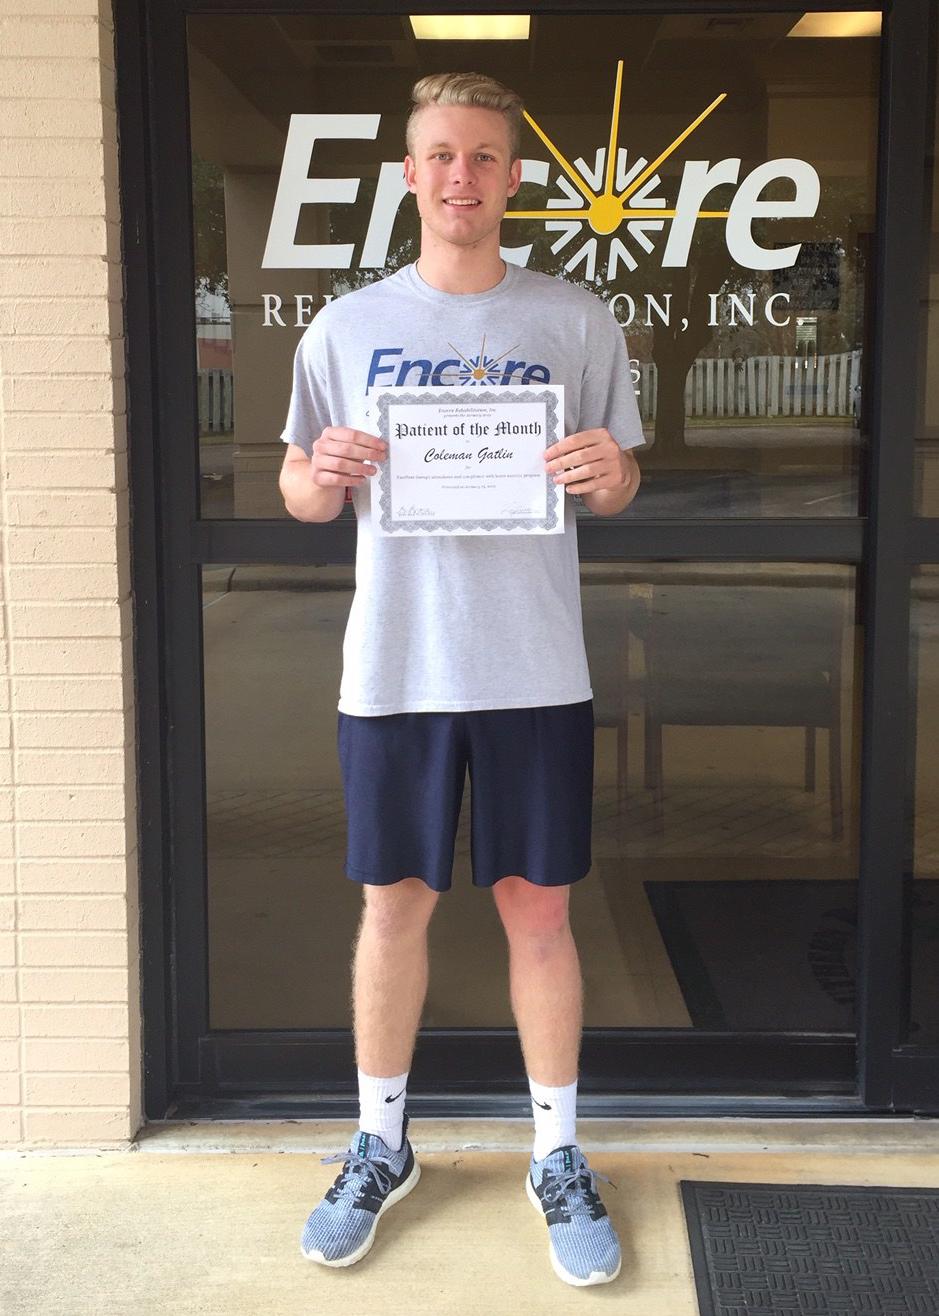 Patient of the Month - Coleman Gatlin with Encore Rehabilitation-Enterprise #EncoreRehab